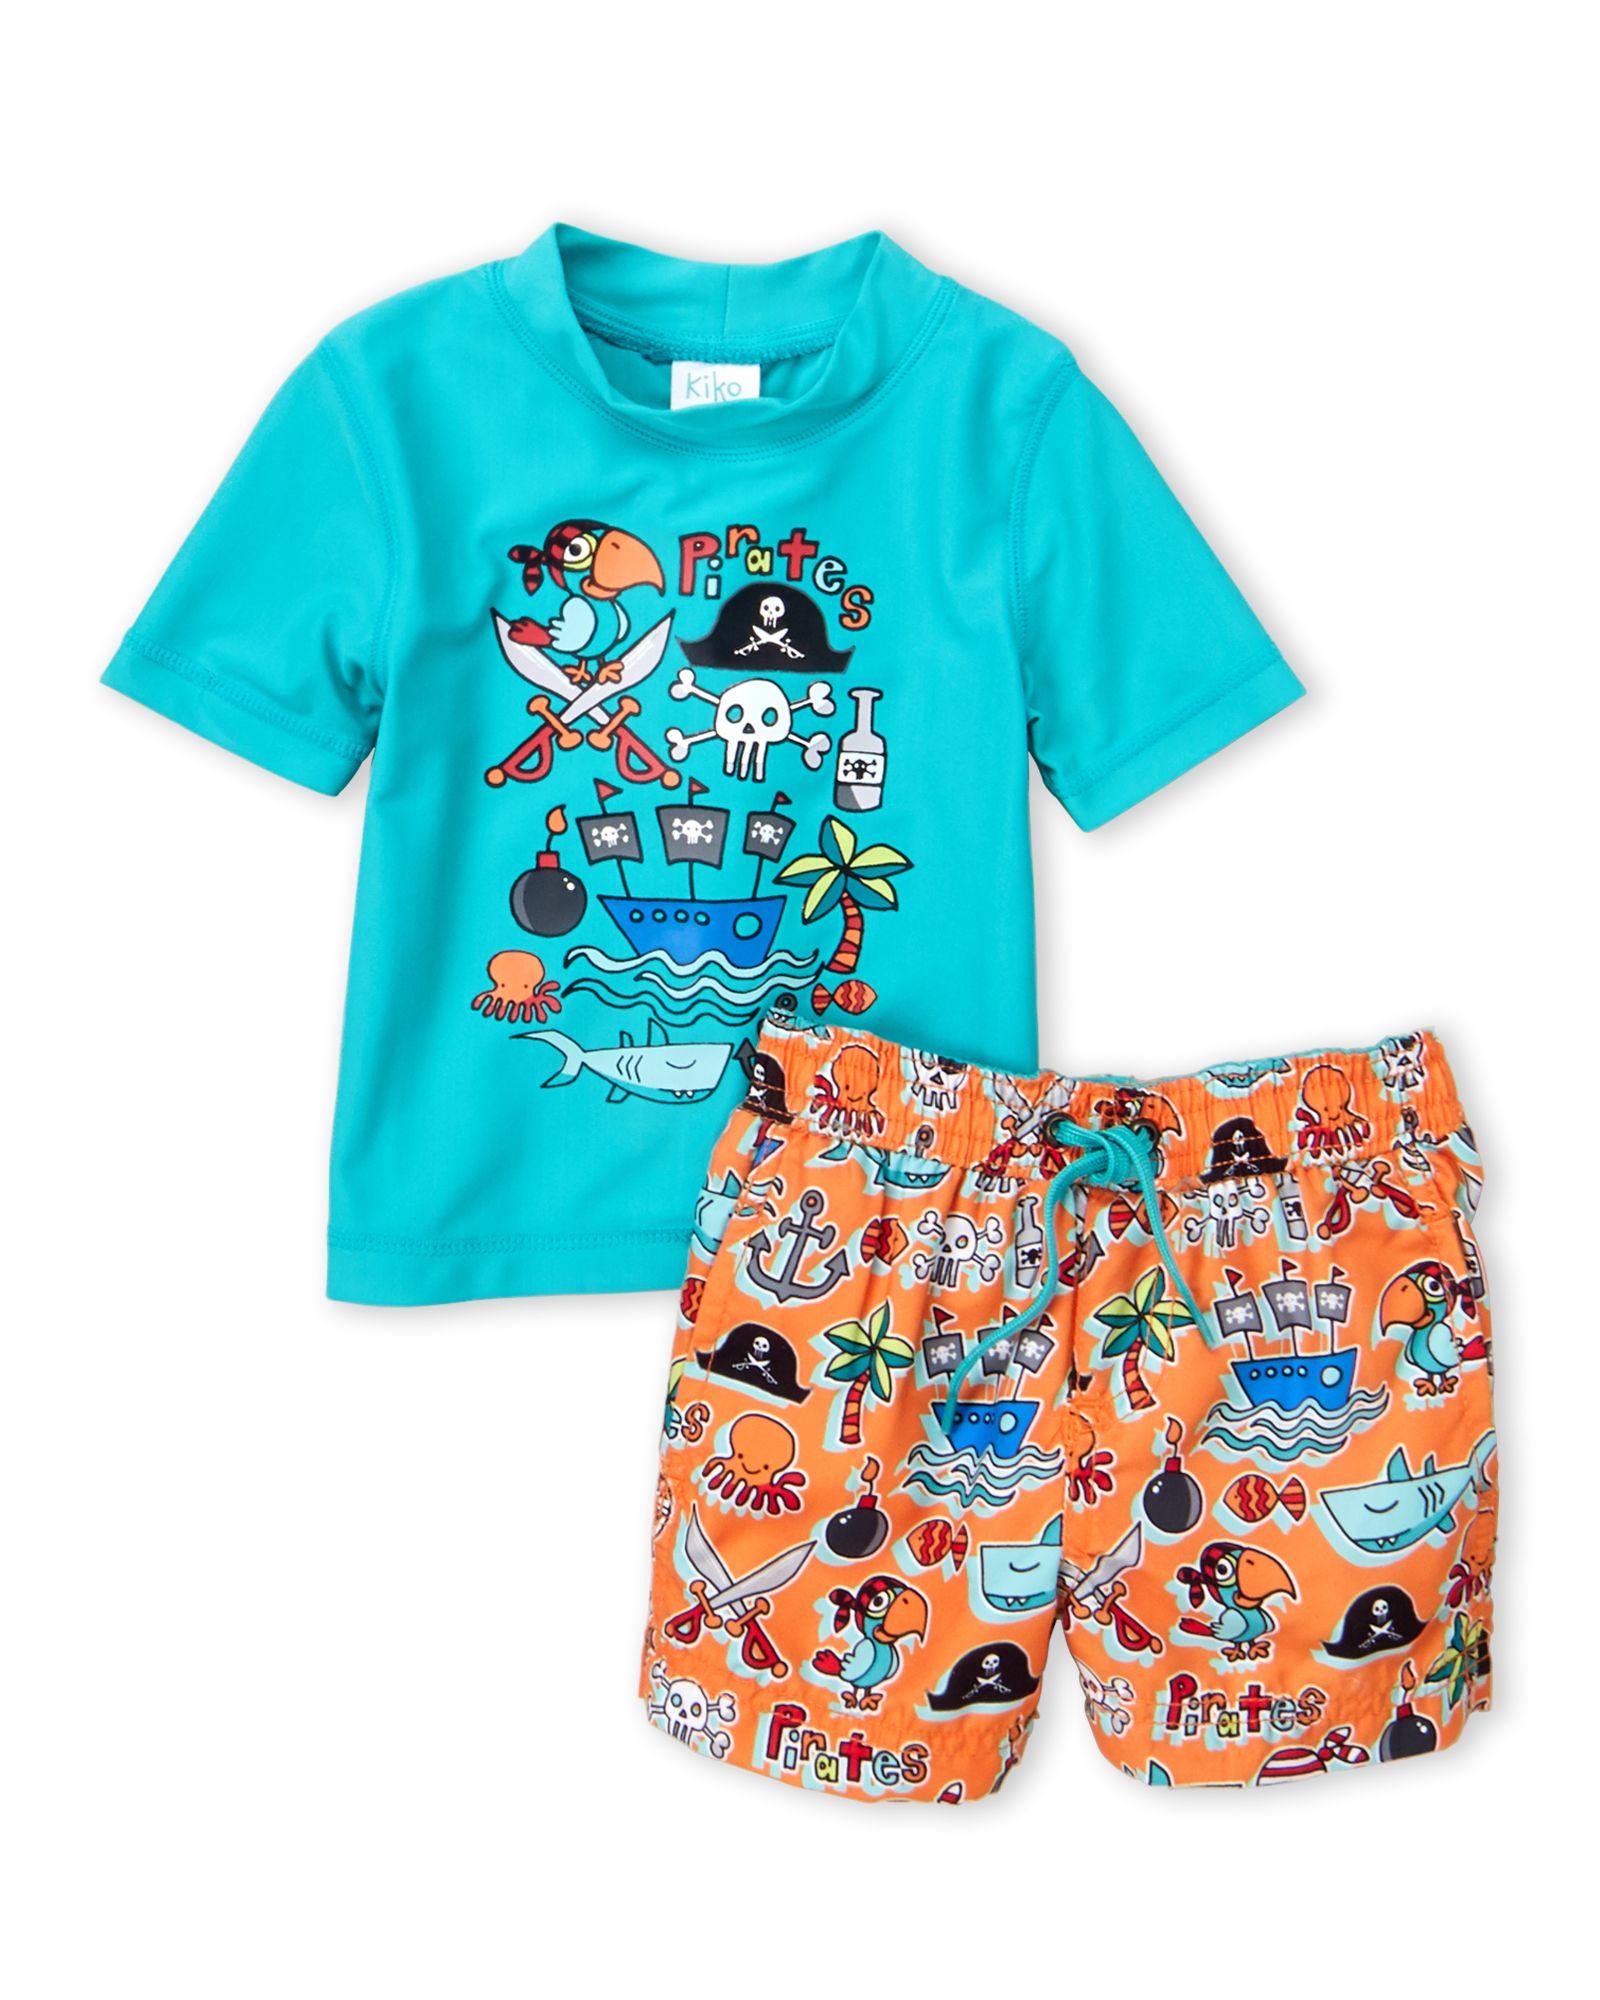 22e05138e4d7b Kiko & Max (Infant Boys) Two-Piece Pirate Print Rashguard & Shorts Set